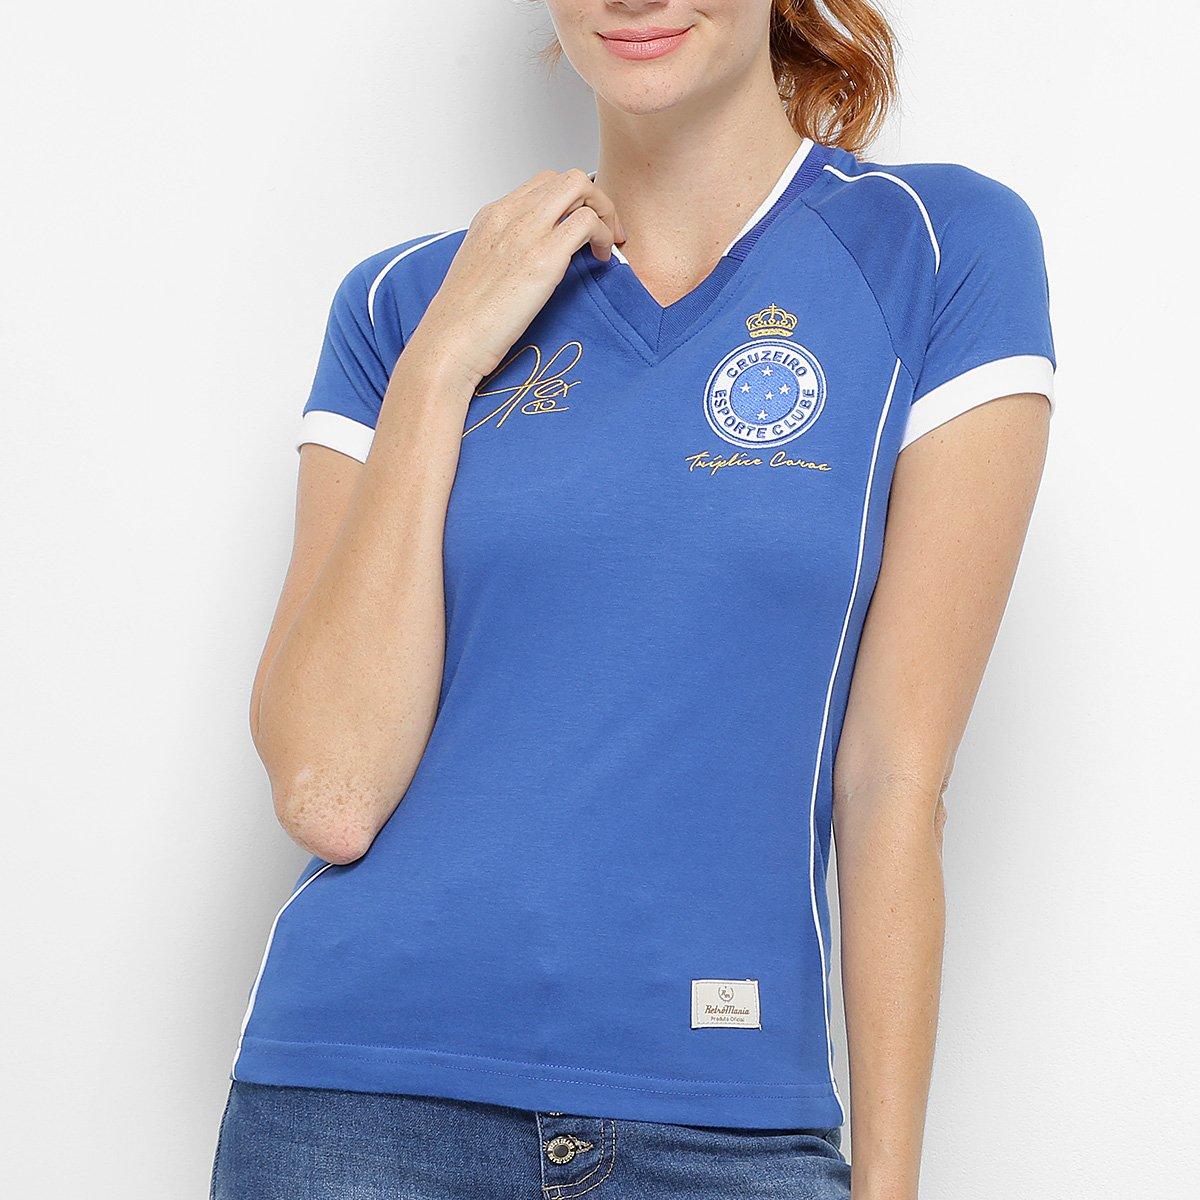 Camiseta Cruzeiro Retrô Mania 2003 Alex Tríplice Coroa Feminina ... 1bbdae07470a3